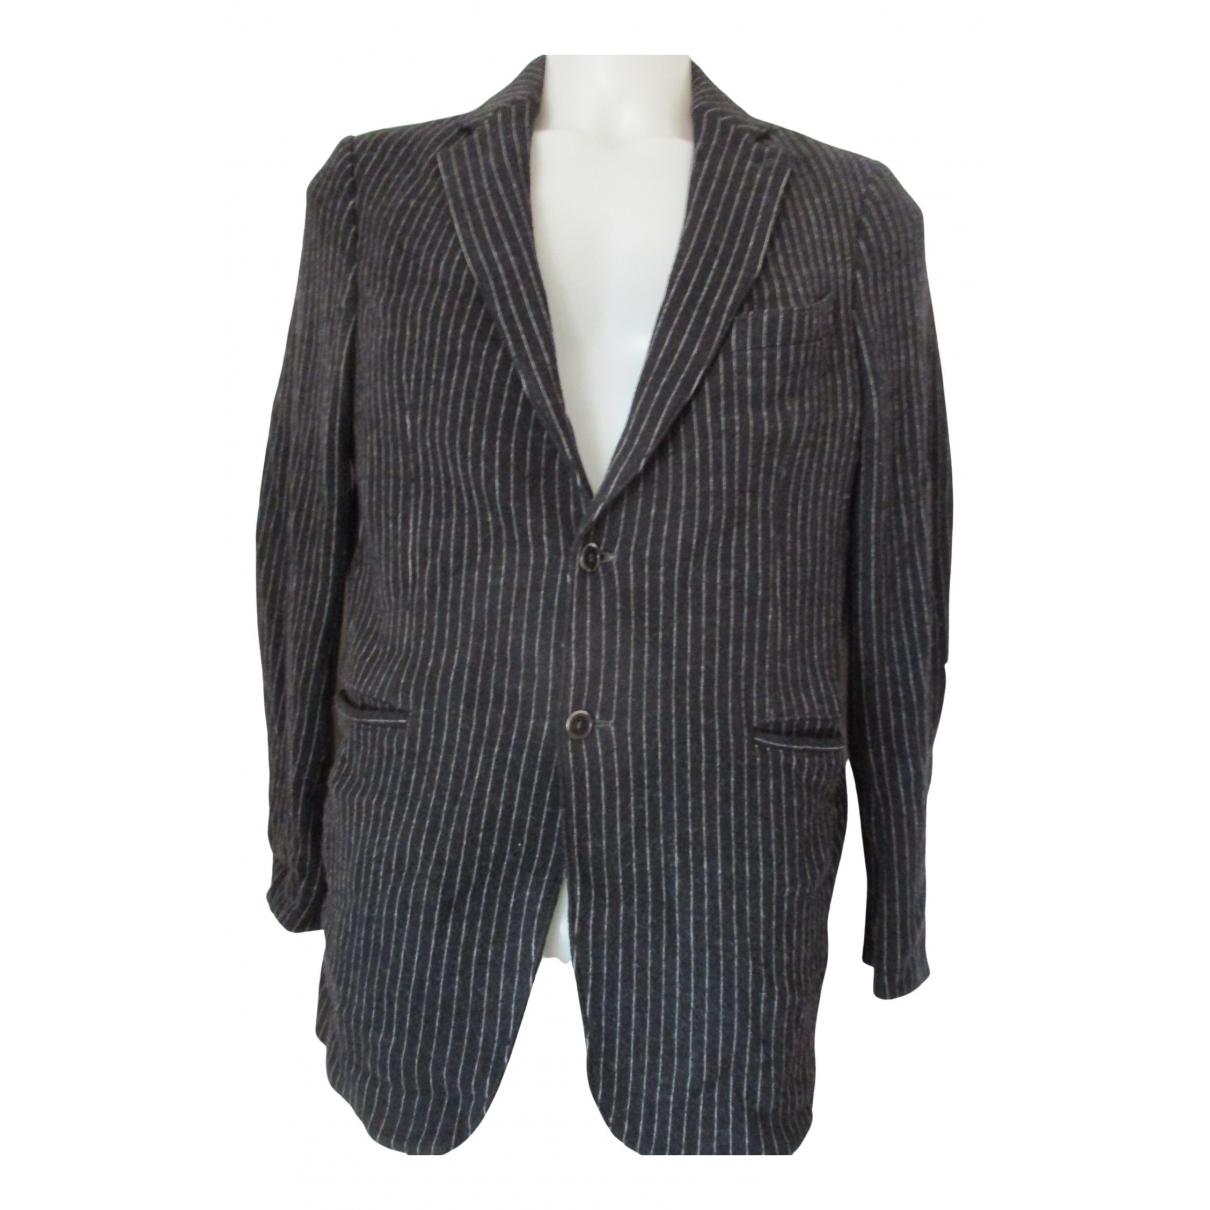 Armani Collezioni - Vestes.Blousons   pour homme en laine - bleu